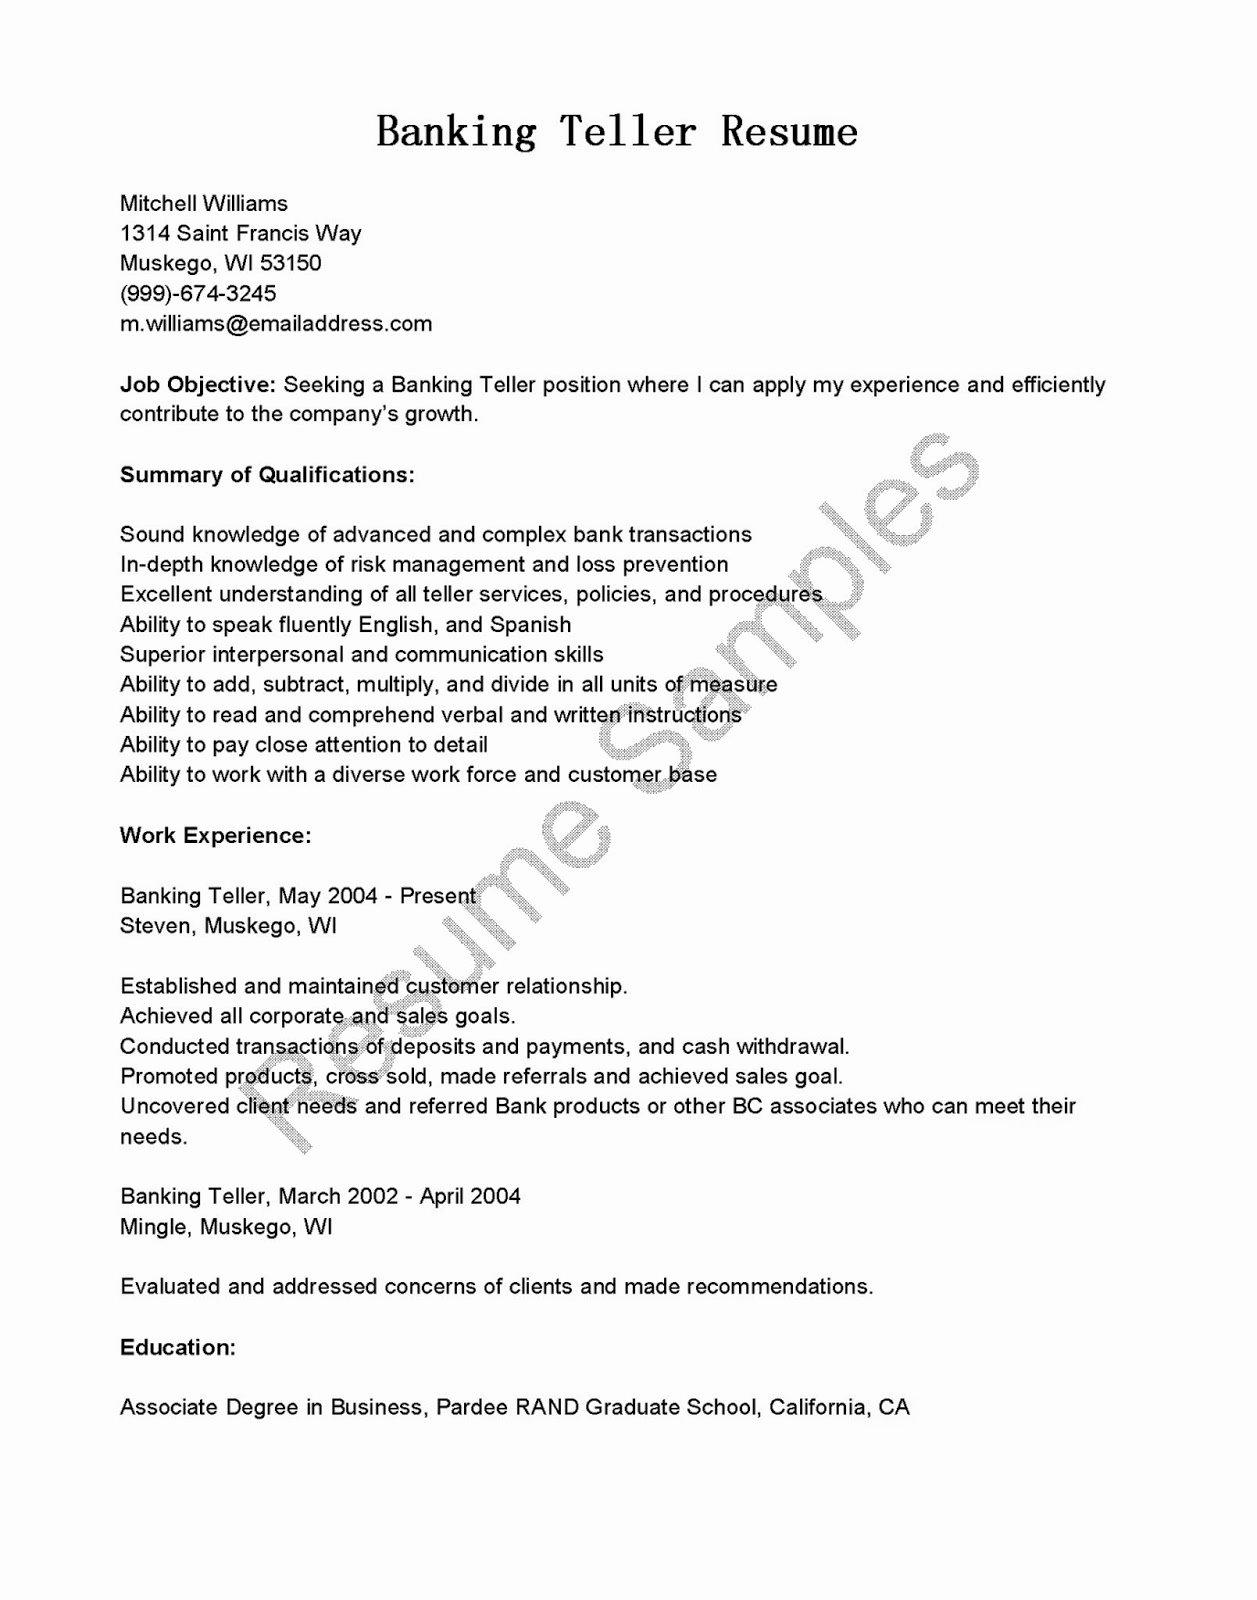 Resume Samples Banking Teller Resume Sample